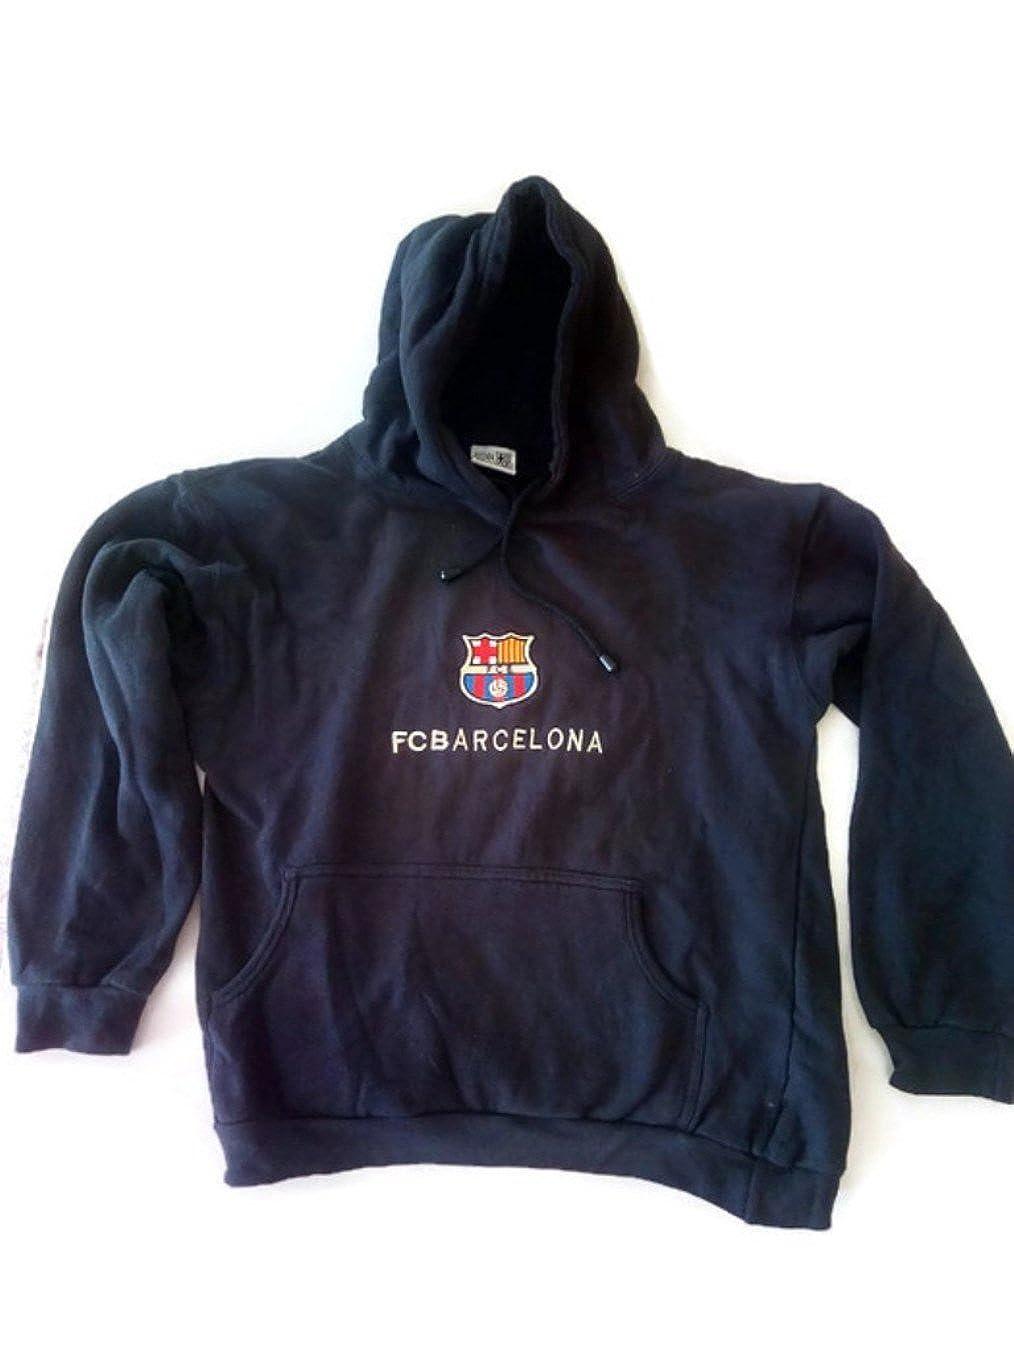 Sudadera del Barça FCBarcelona vintage logoFCB (S): Amazon.es: Ropa y accesorios